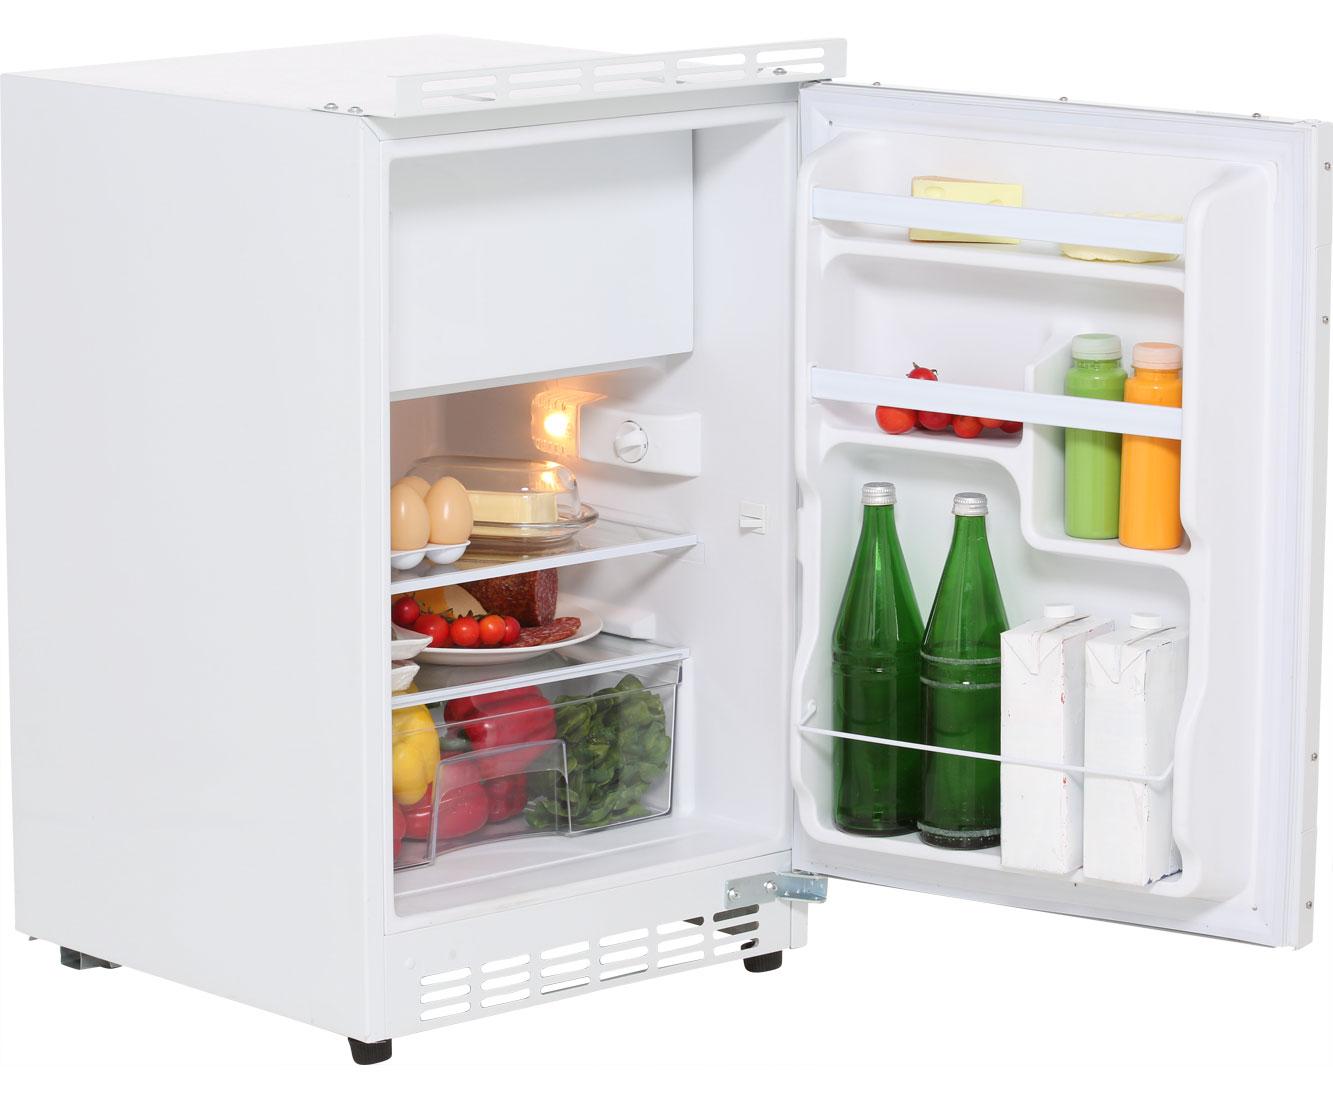 Amica Kühlschrank Uks 16157 : Unterbau kühlschrank mit gefrierfach whirlpool einbaukühlschrank